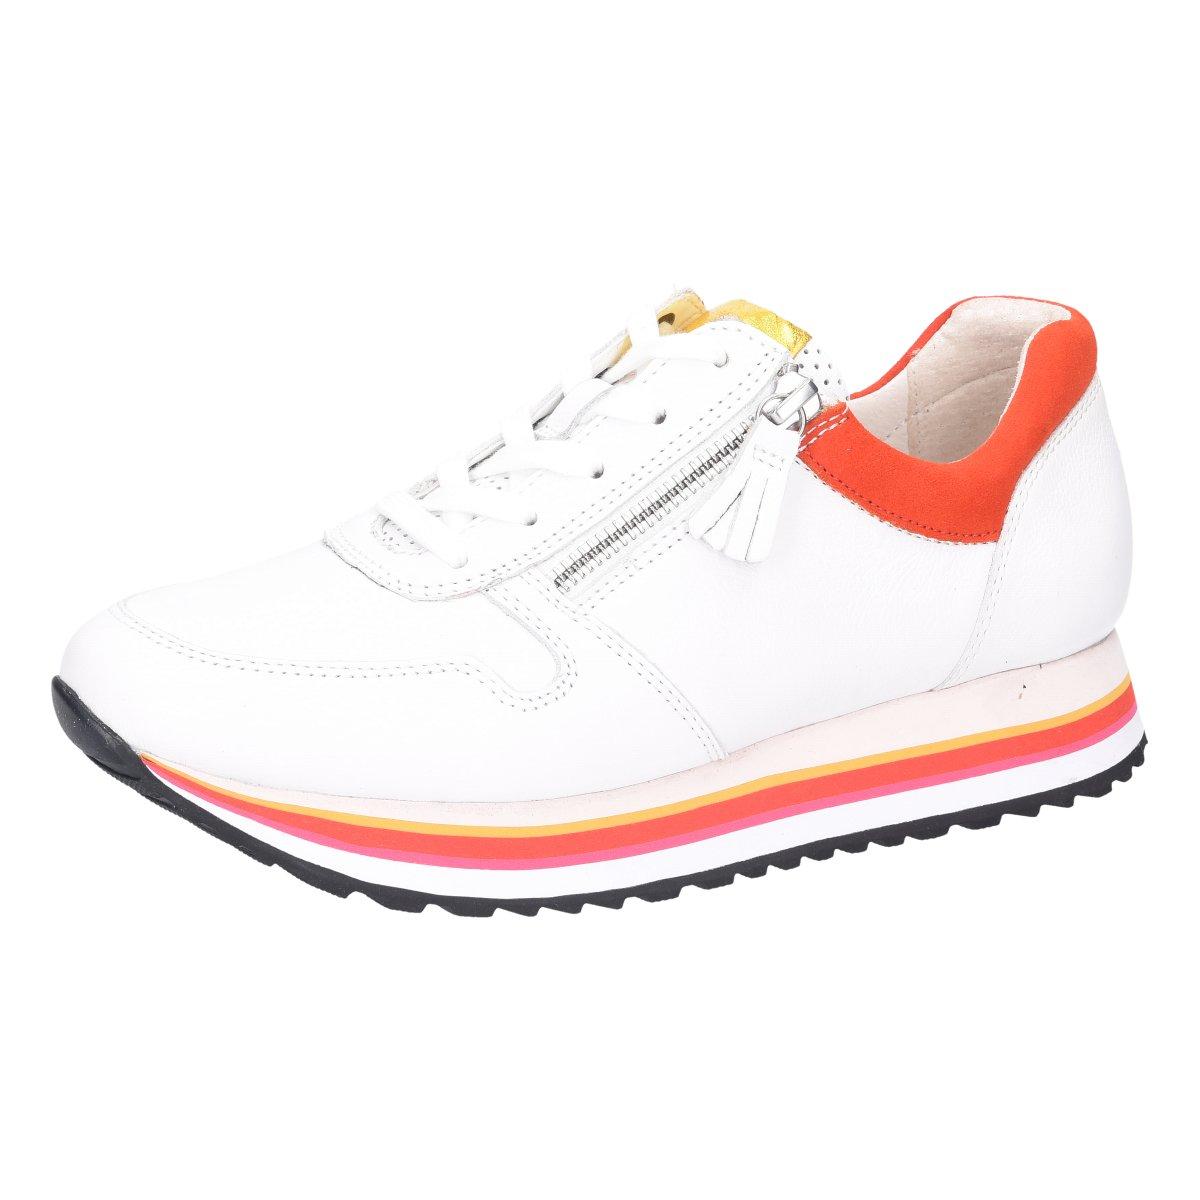 Details zu Gabor Damen Sneaker York Weite G 46.448.51 weiß 862602